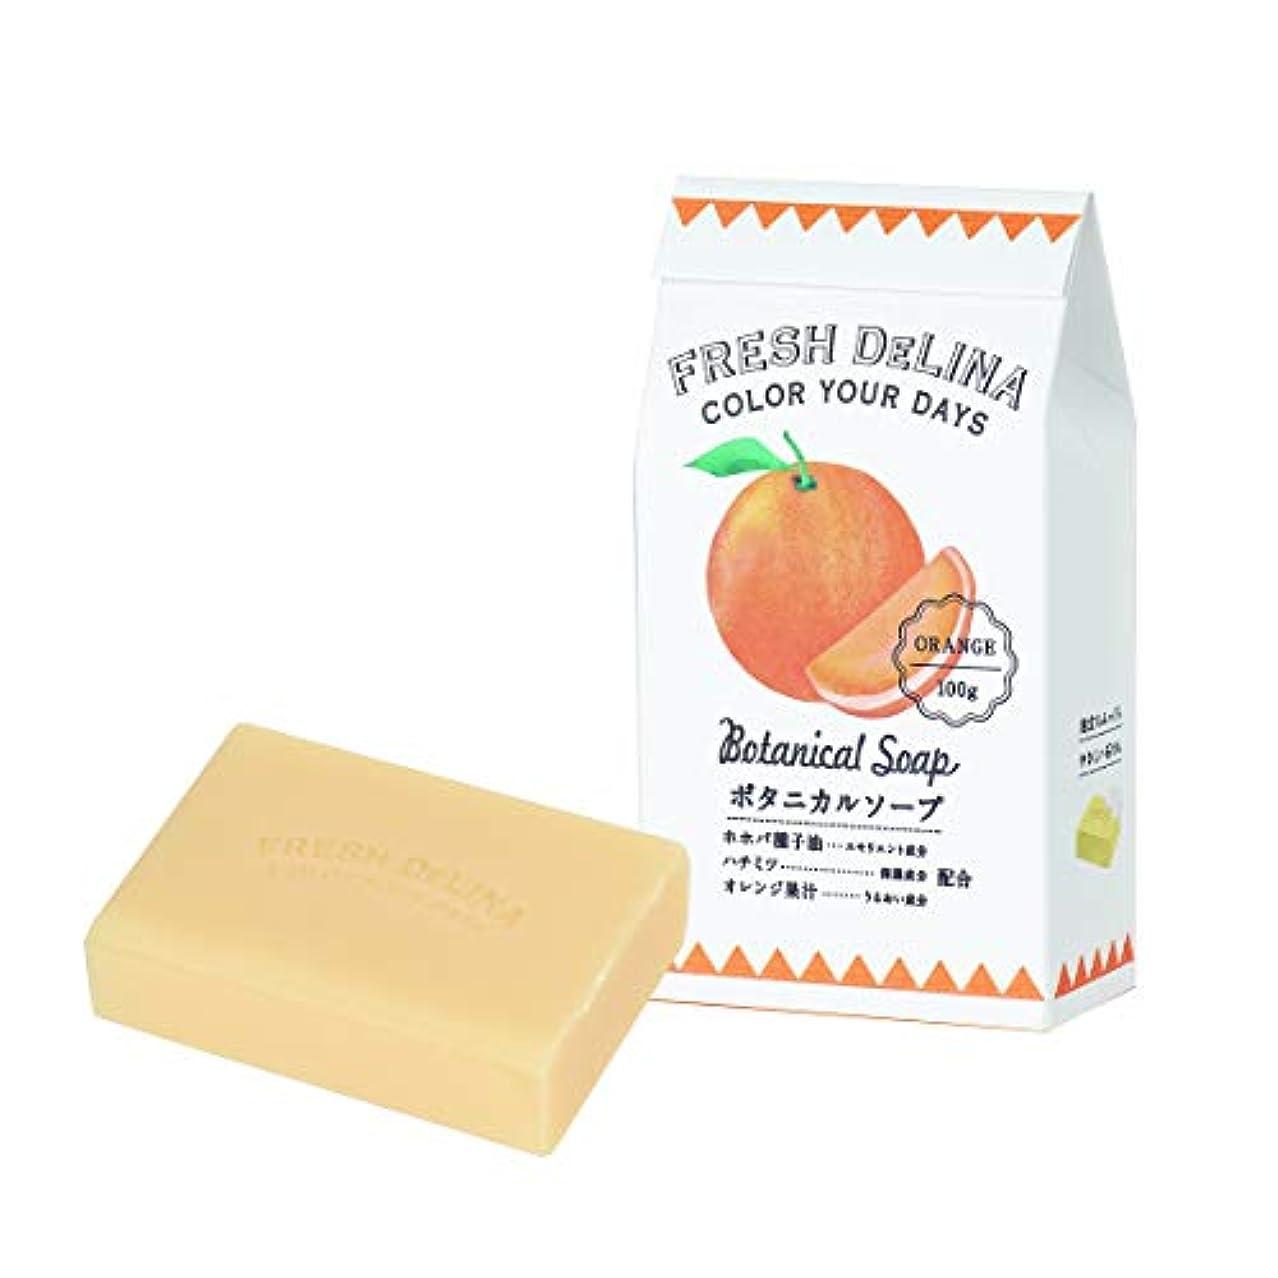 上記の頭と肩添付コードレスフレッシュデリーナ ボタニカルソープ オレンジ 100g